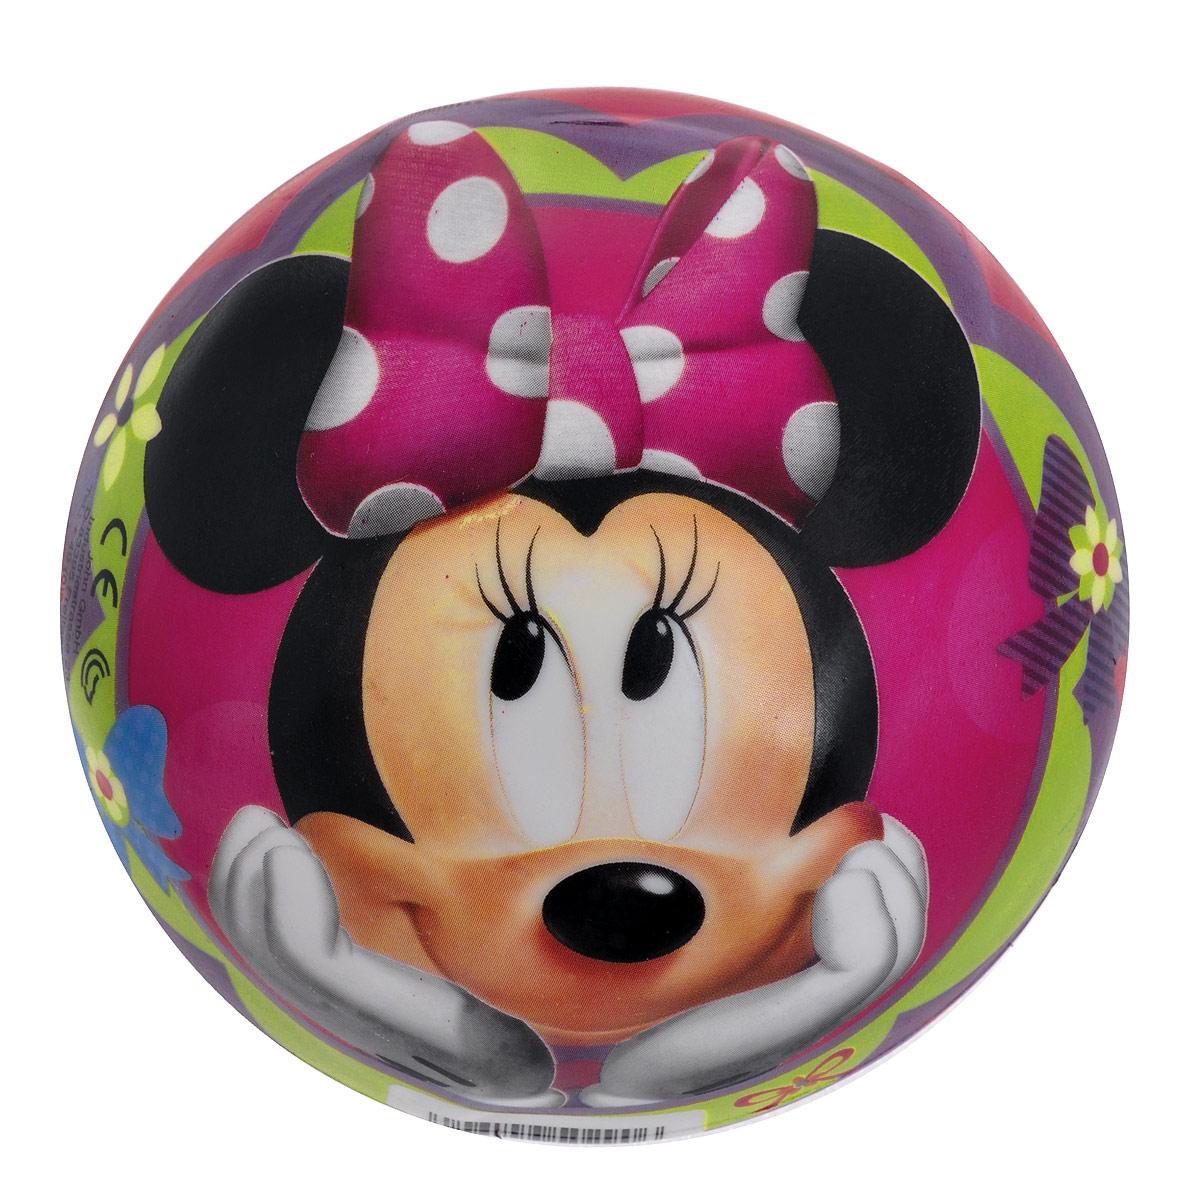 """Яркий детский мяч John """"Минни"""" - это игрушка для детей любого возраста. Он выполнен из ПВХ и оформлен изображениями Минни Маус и Дейзи Дак. Мяч незаменим для любителей подвижных игр и активного отдыха, подходит для игр на воде. Игры с мячом развивают координацию движений, способствуют физическому развитию ребенка. УВАЖАЕМЫЕ КЛИЕНТЫ! Просим вас обратить внимание на тот факт, что мяч поставляется в сдутом виде и надувается при помощи насоса (насос не входит в комплект)."""